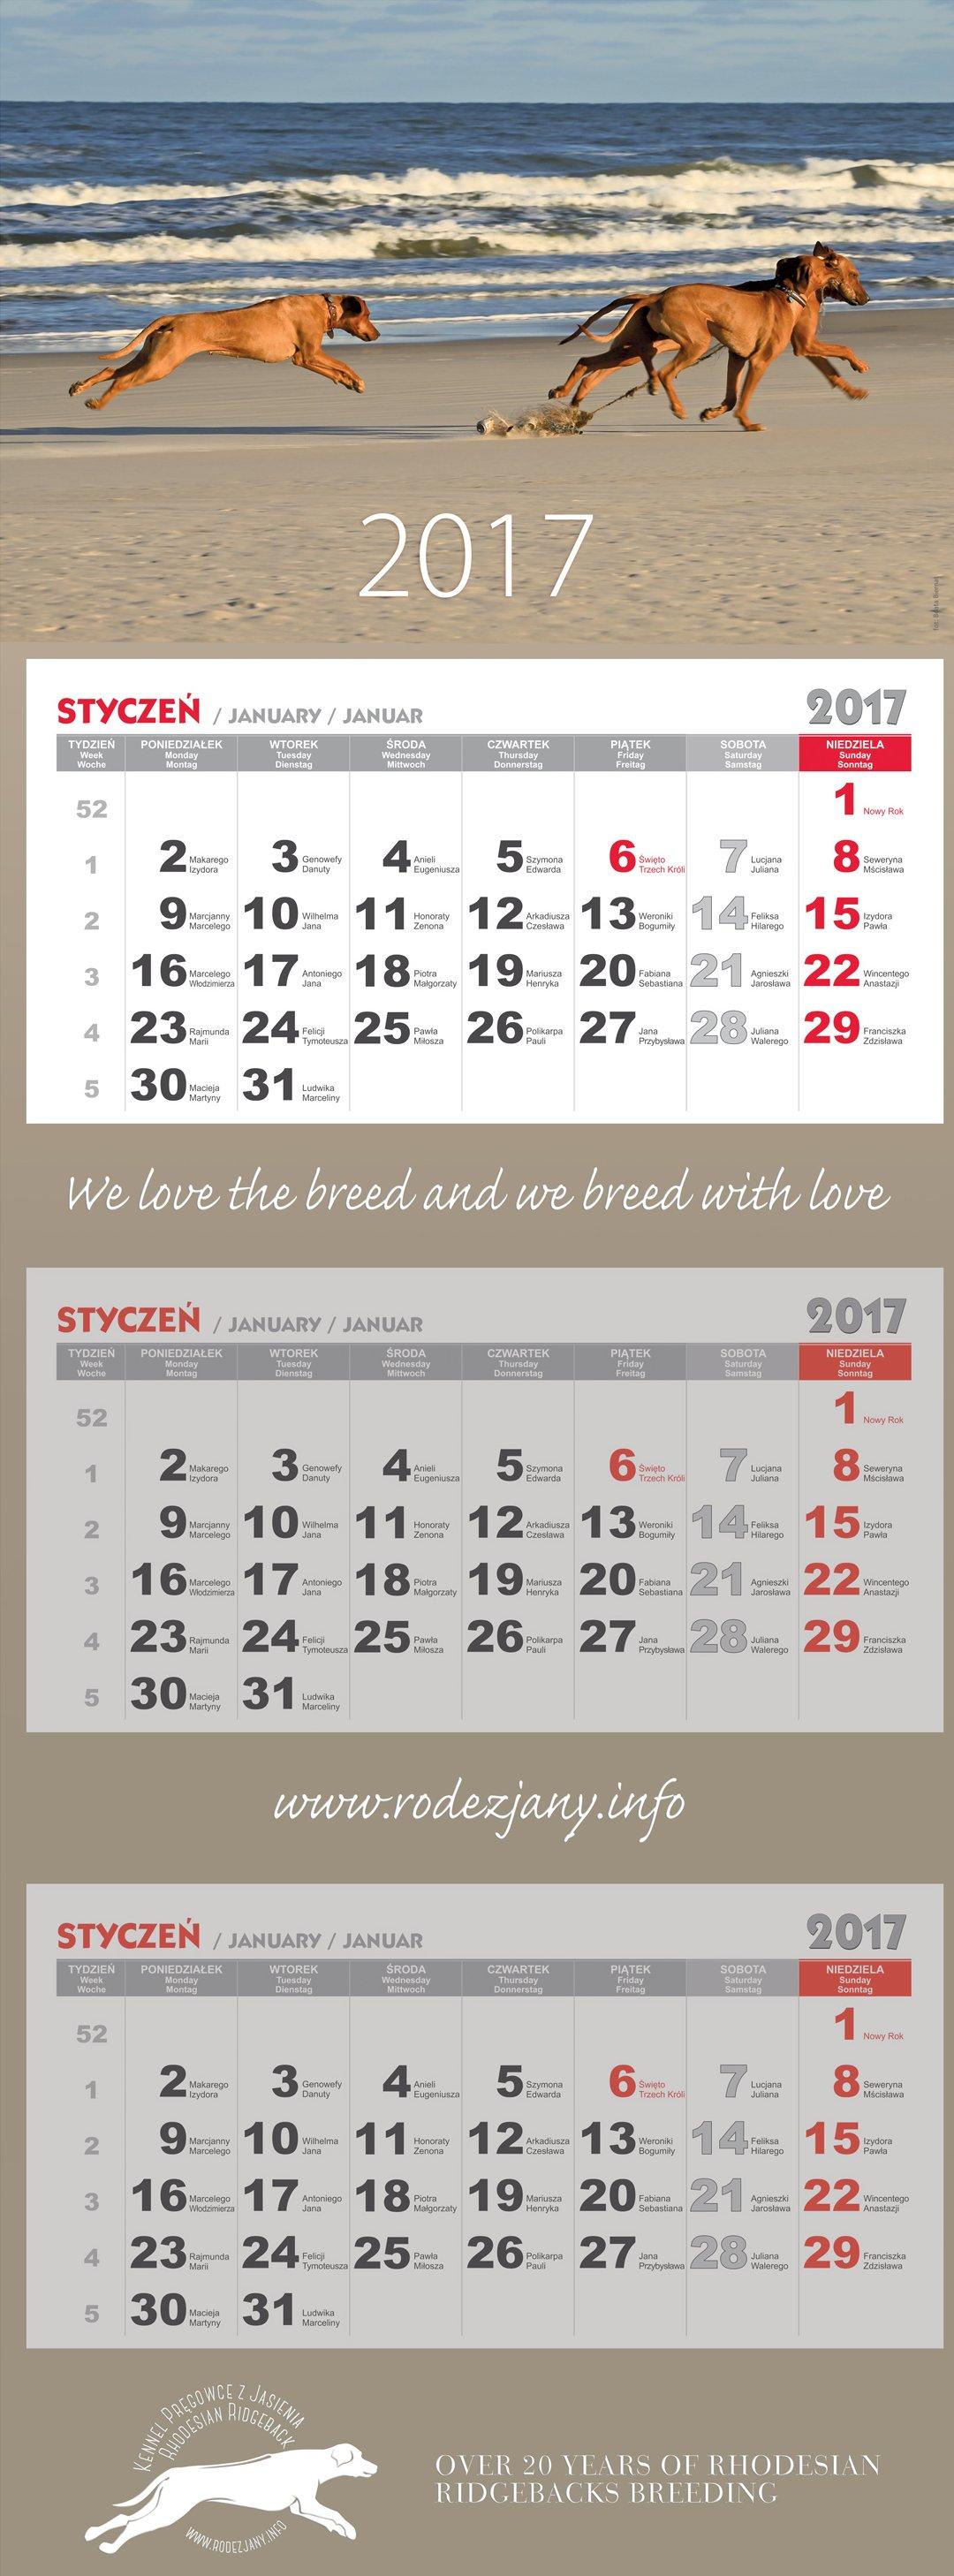 kalendarz-trojdzielny-nascienny-kalendarze-hodowla-psow